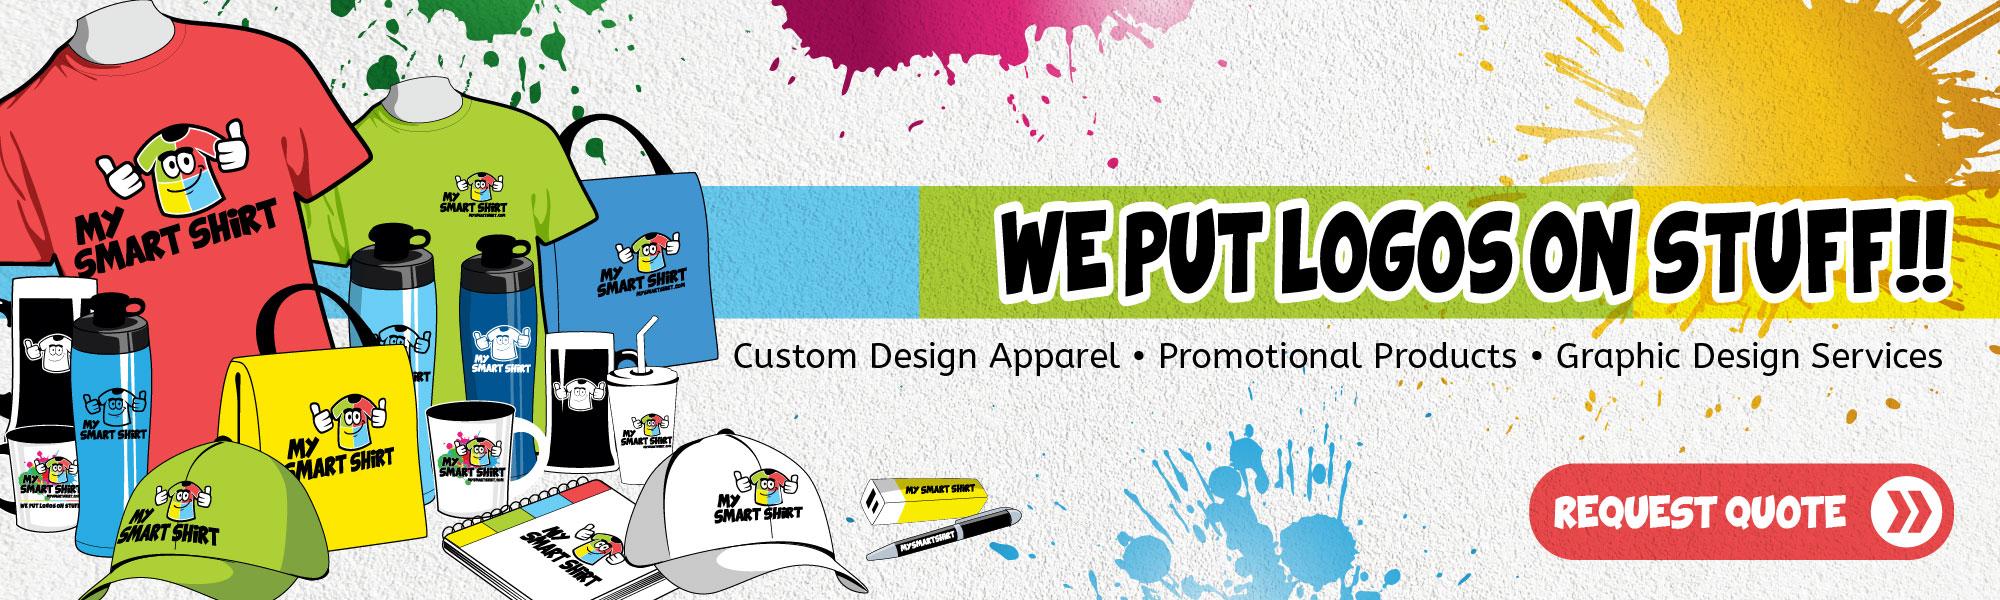 we_put_logos_on_stuff_banner